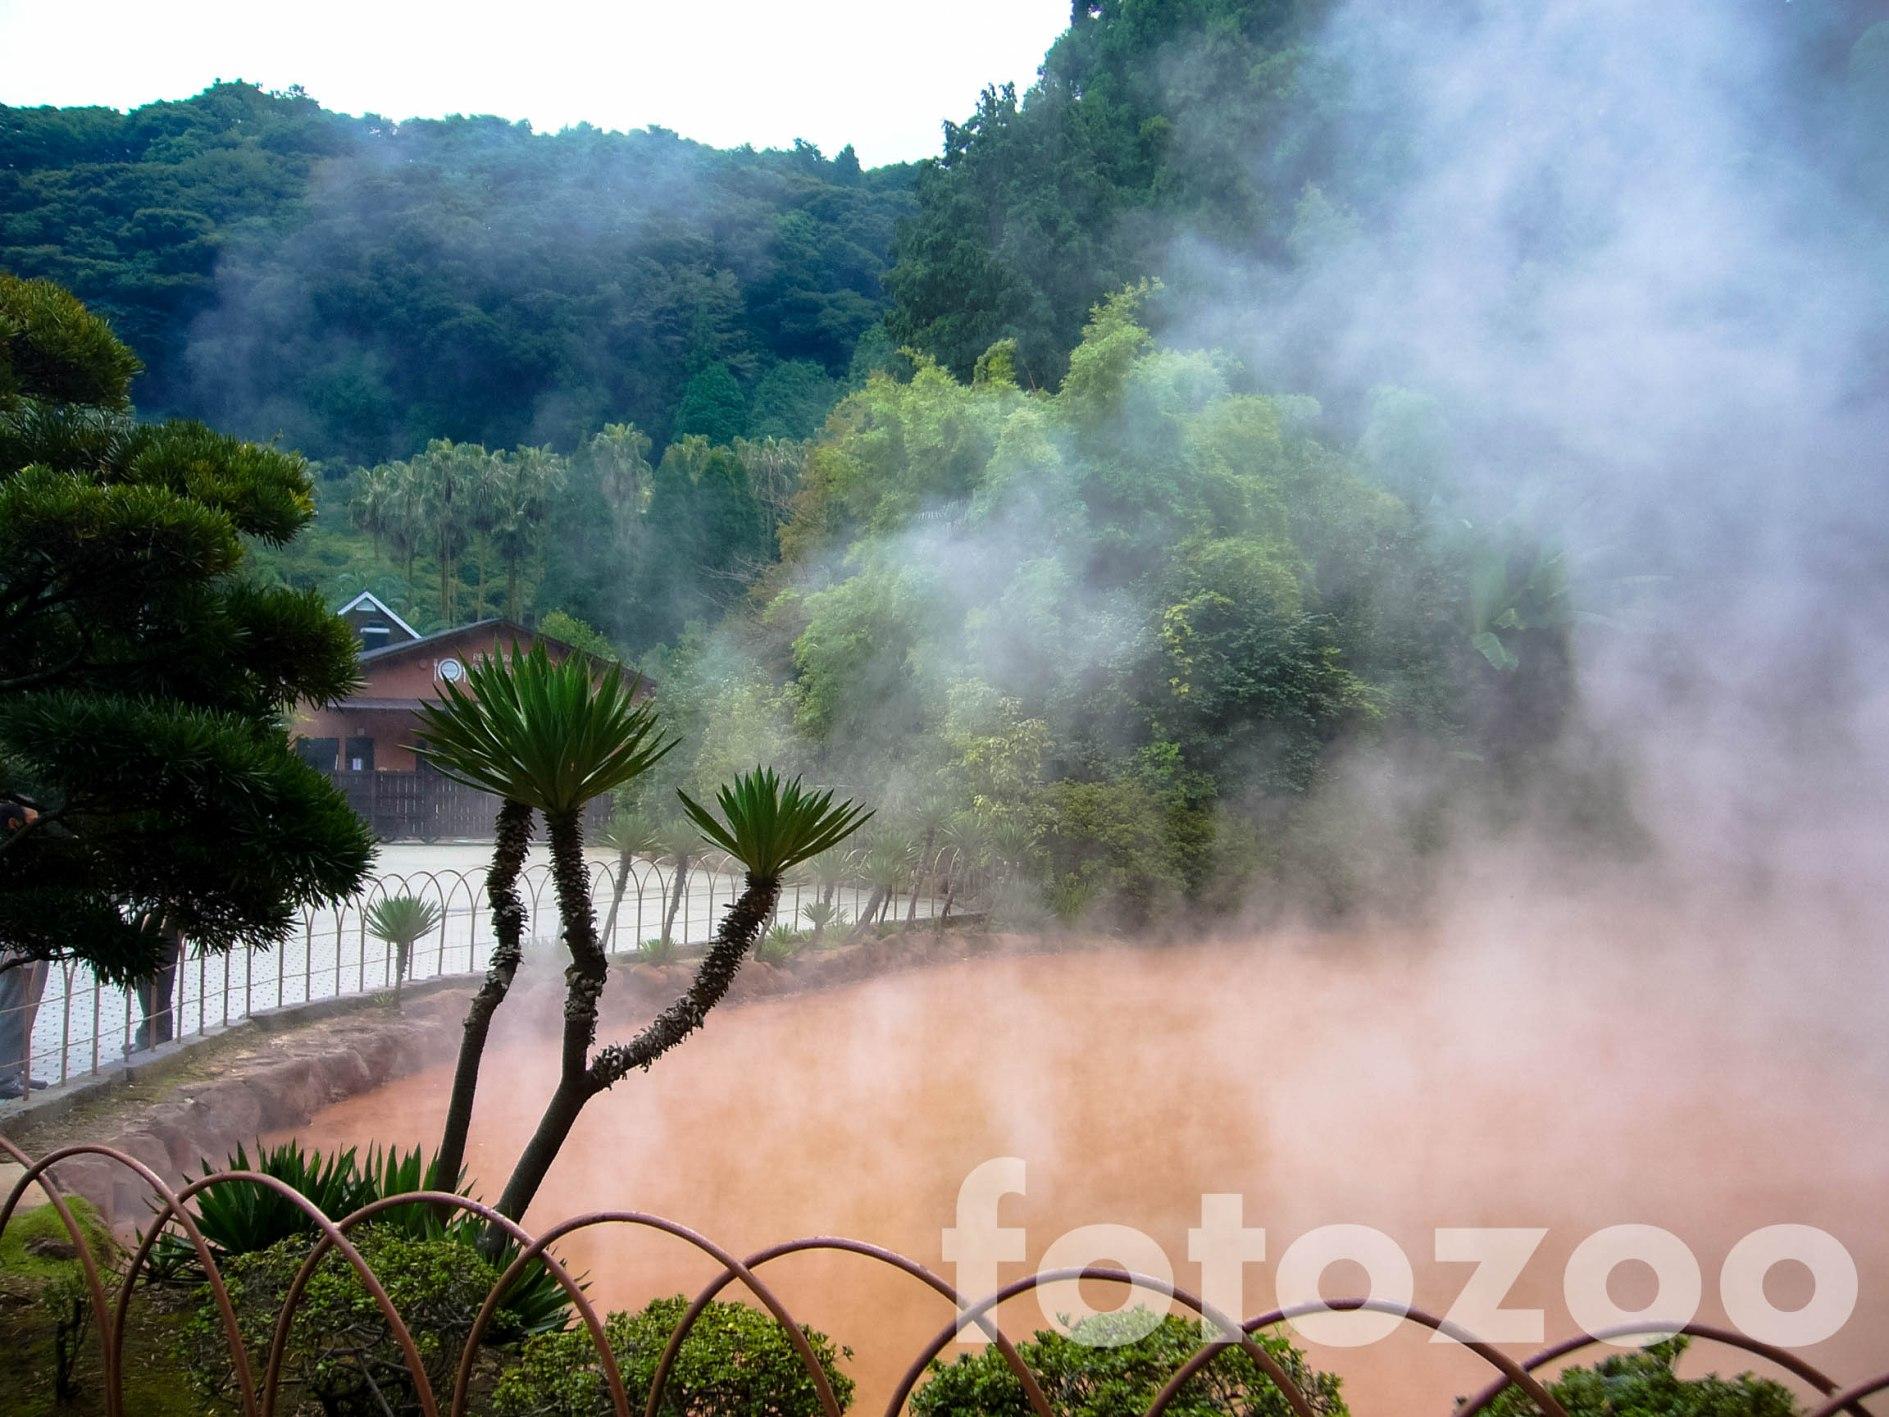 Beppu vörös pokla, japánul jigoku névre hallgat a legendás onsen.